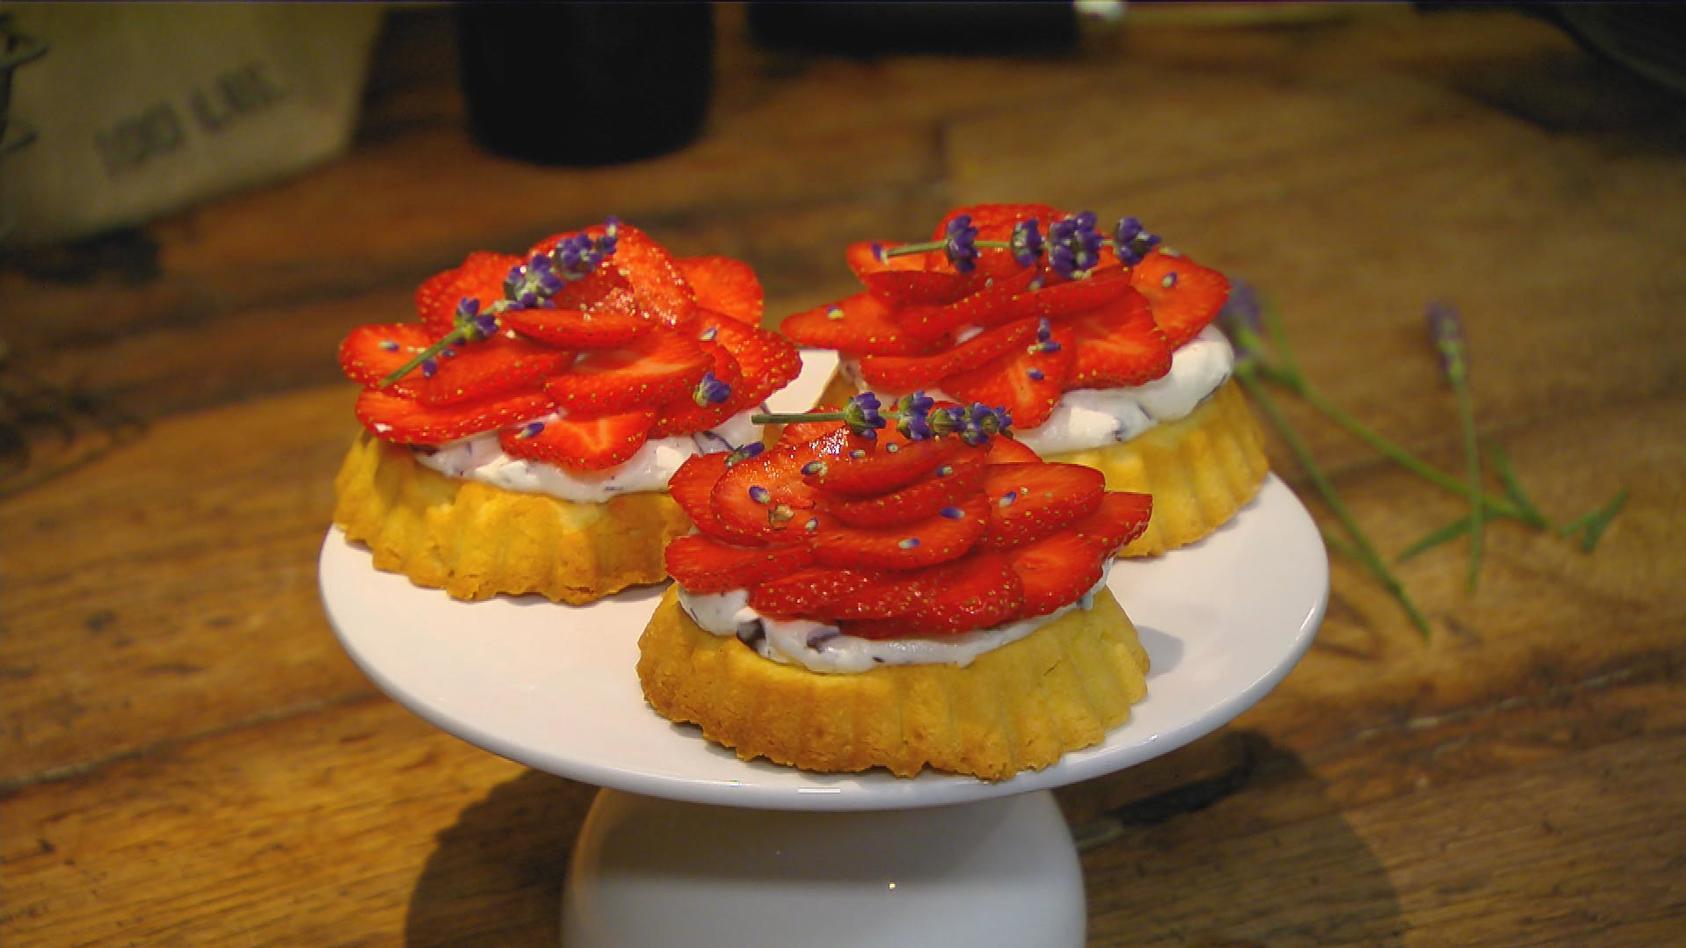 Überraschung! – Spontan kreative Gerichte zaubern:   Erdbeer-Schaumkuss-Törtchen